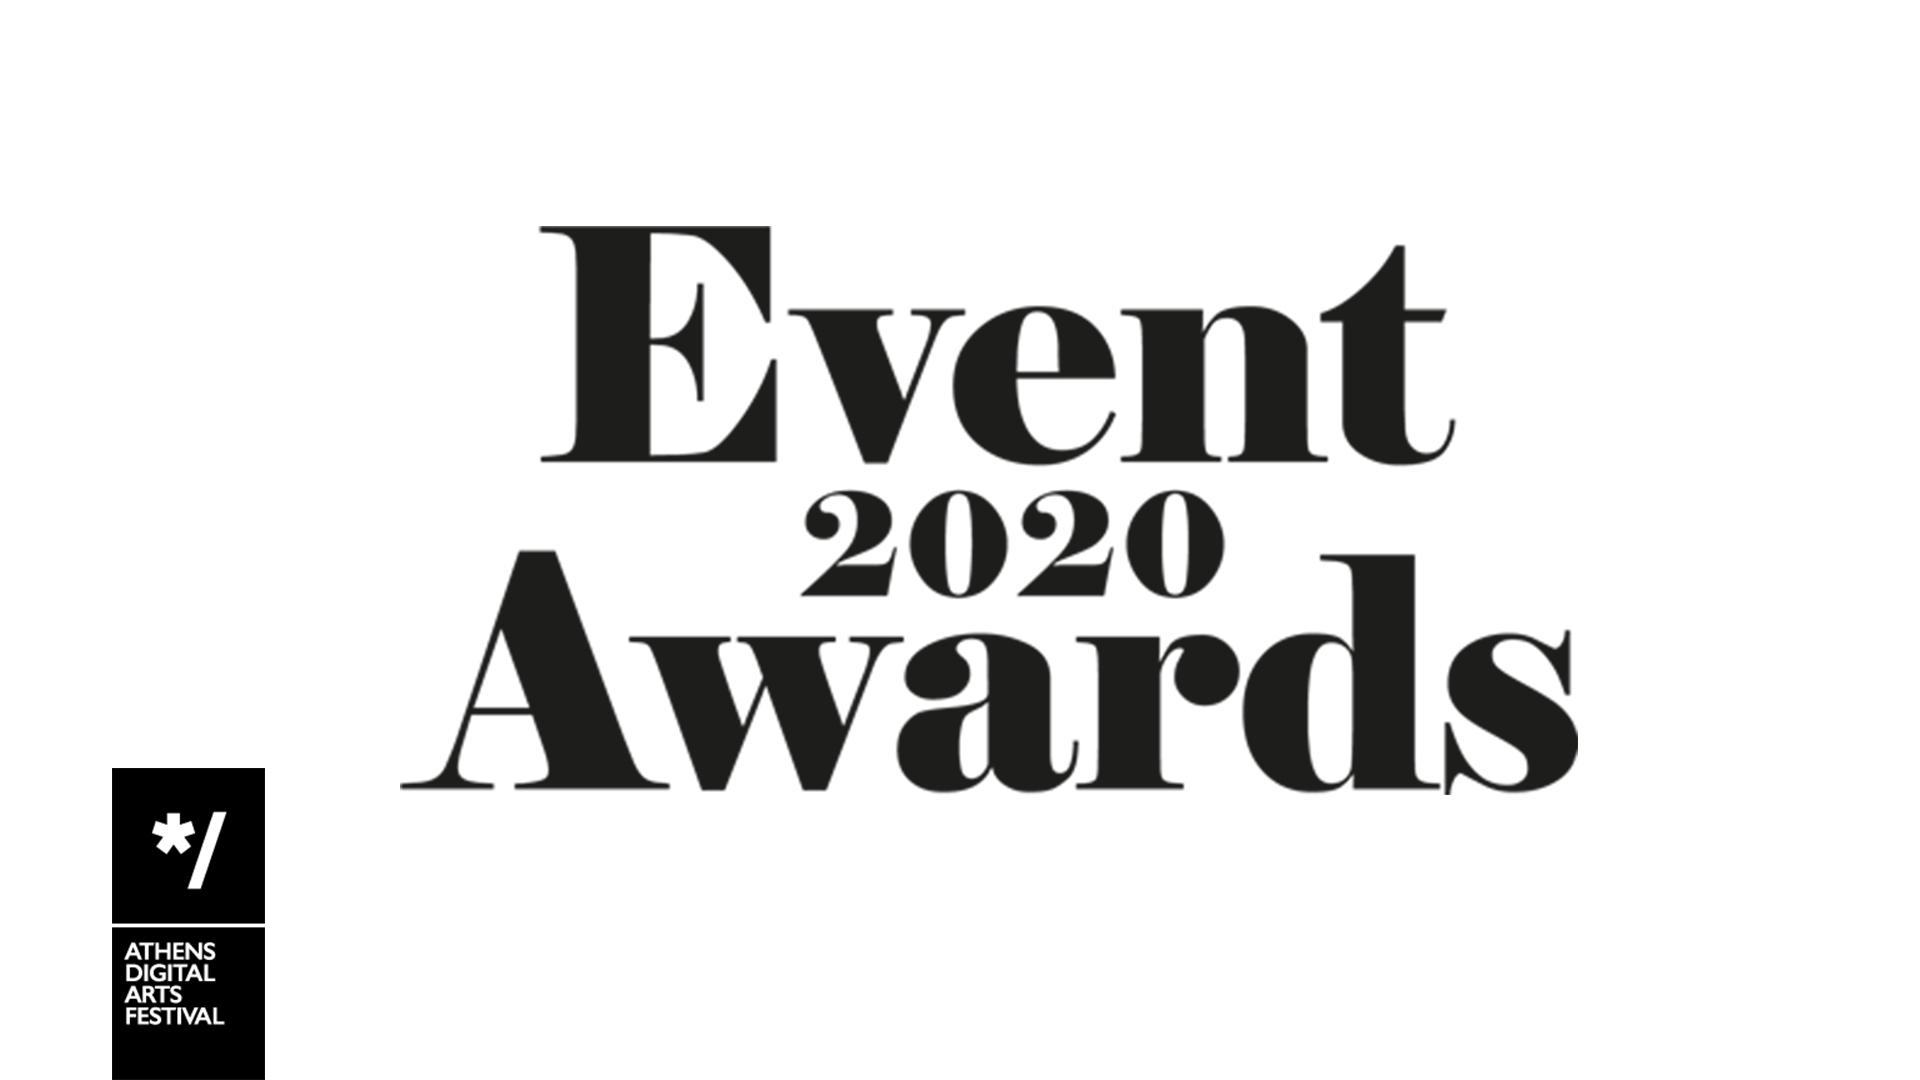 Event Awards 2020